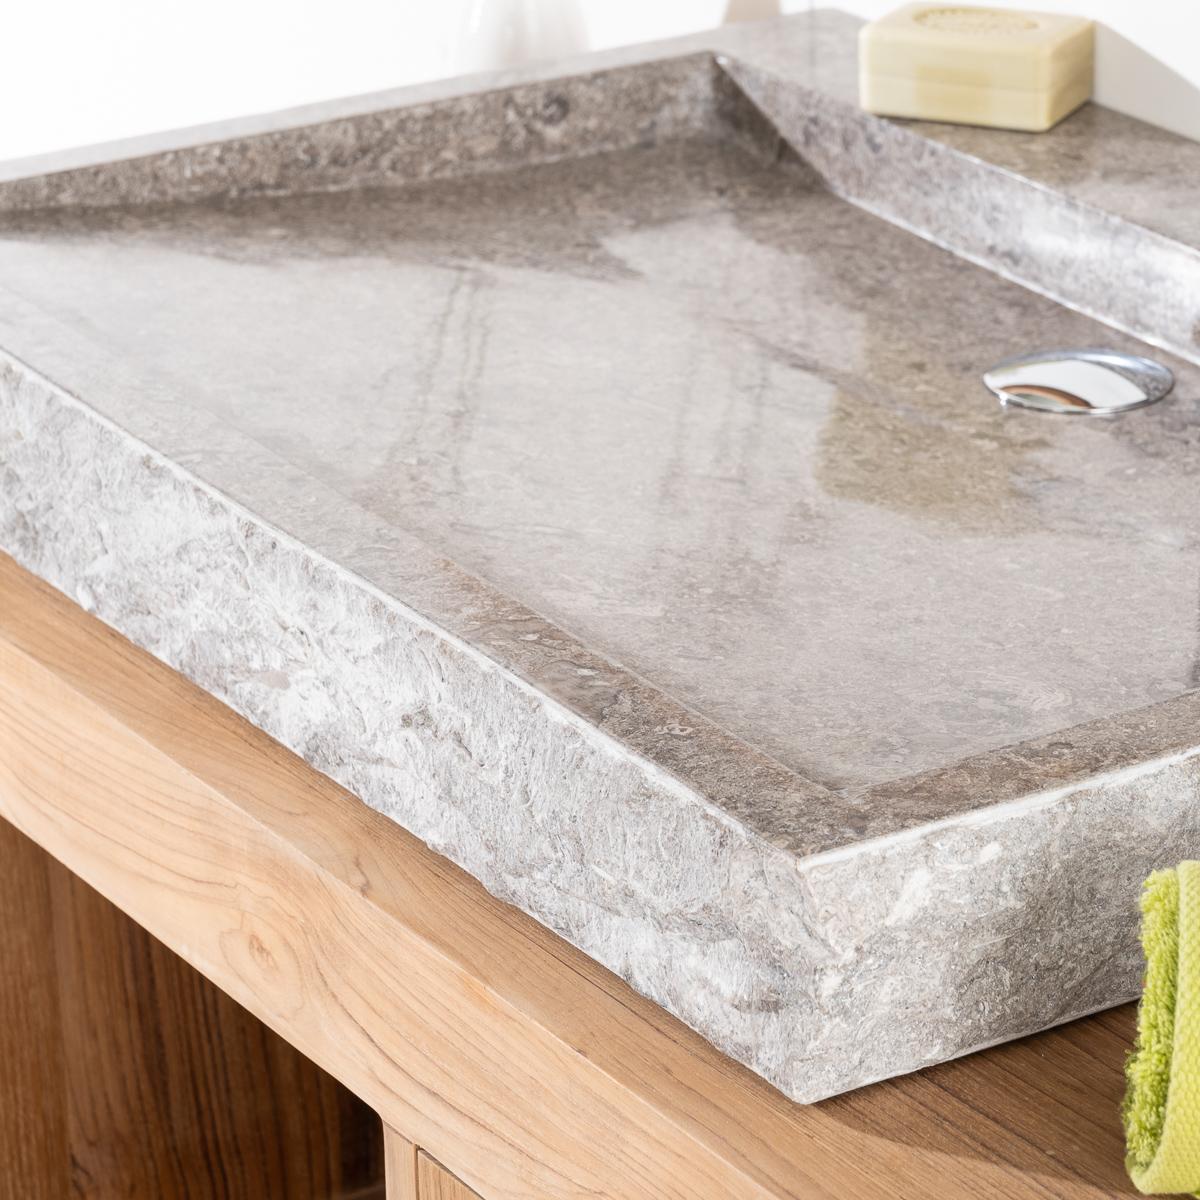 Lavabo encimera 70cm rect ngulo de piedra m rmol cosy gris for Encimera marmol gris